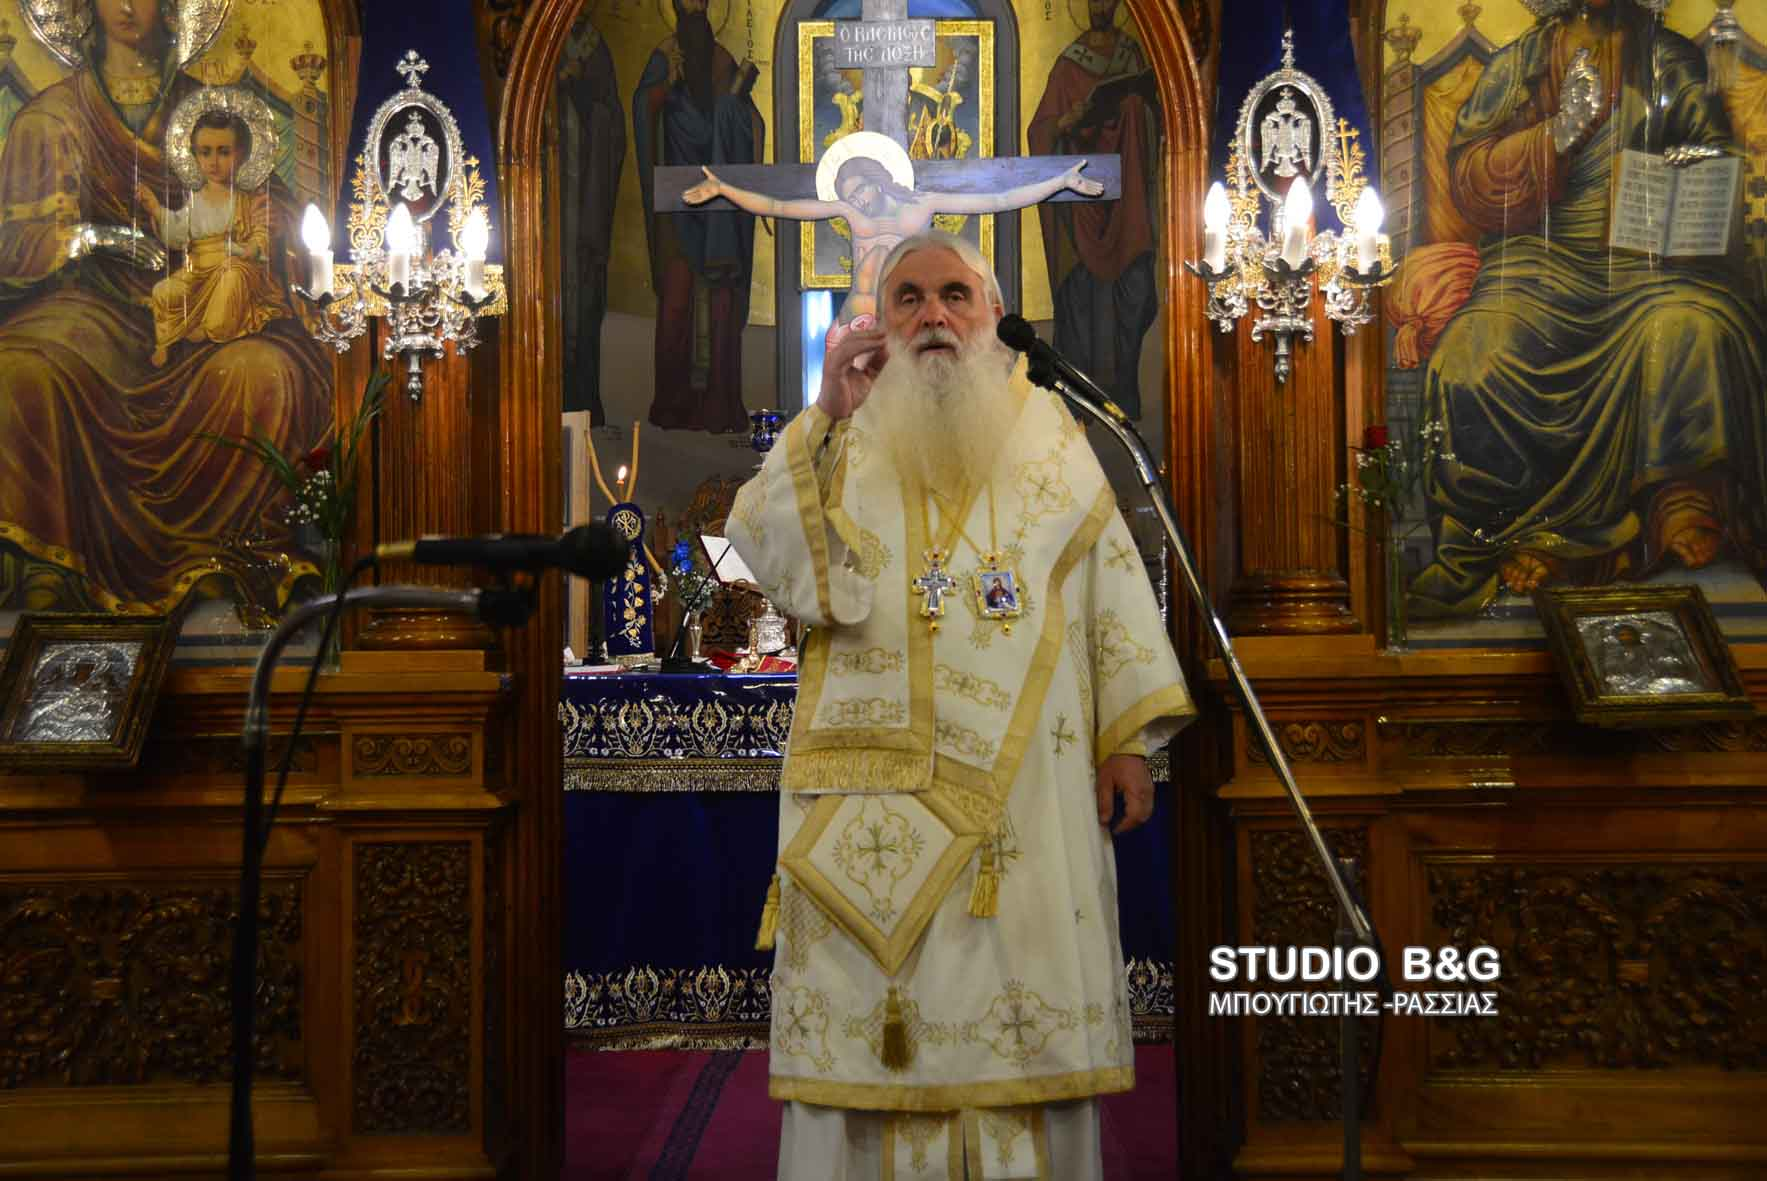 Χριστούγεννα στον Άγιο Πέτρο Άργους